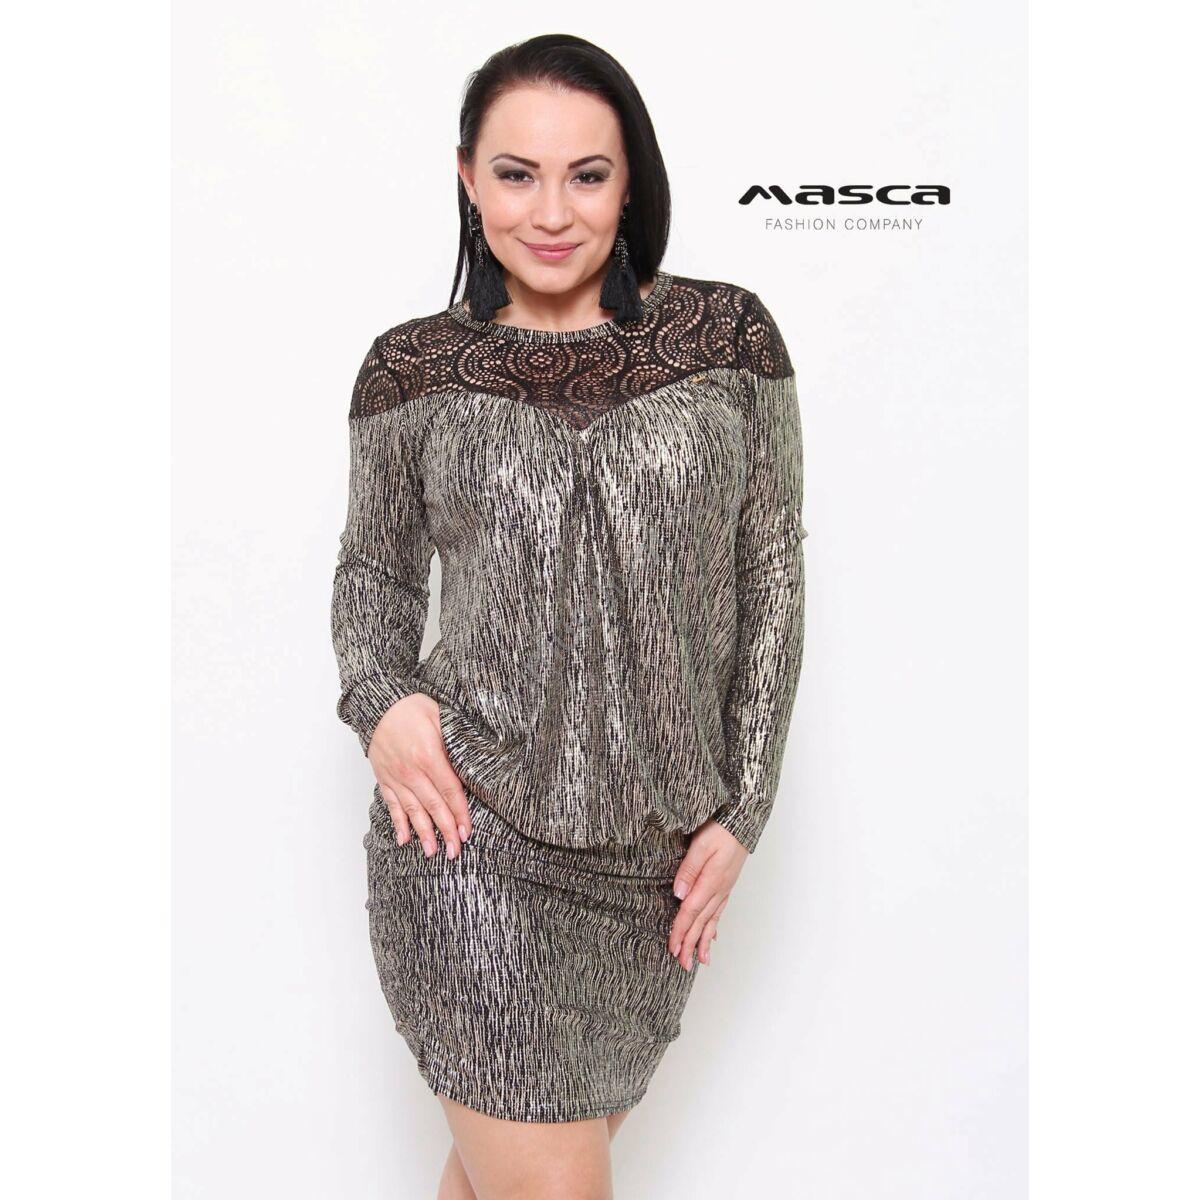 Kép 1 1 - Masca Fashion madeira betétes csillogó arany lezser alkalmi  miniruha d59d2948f5